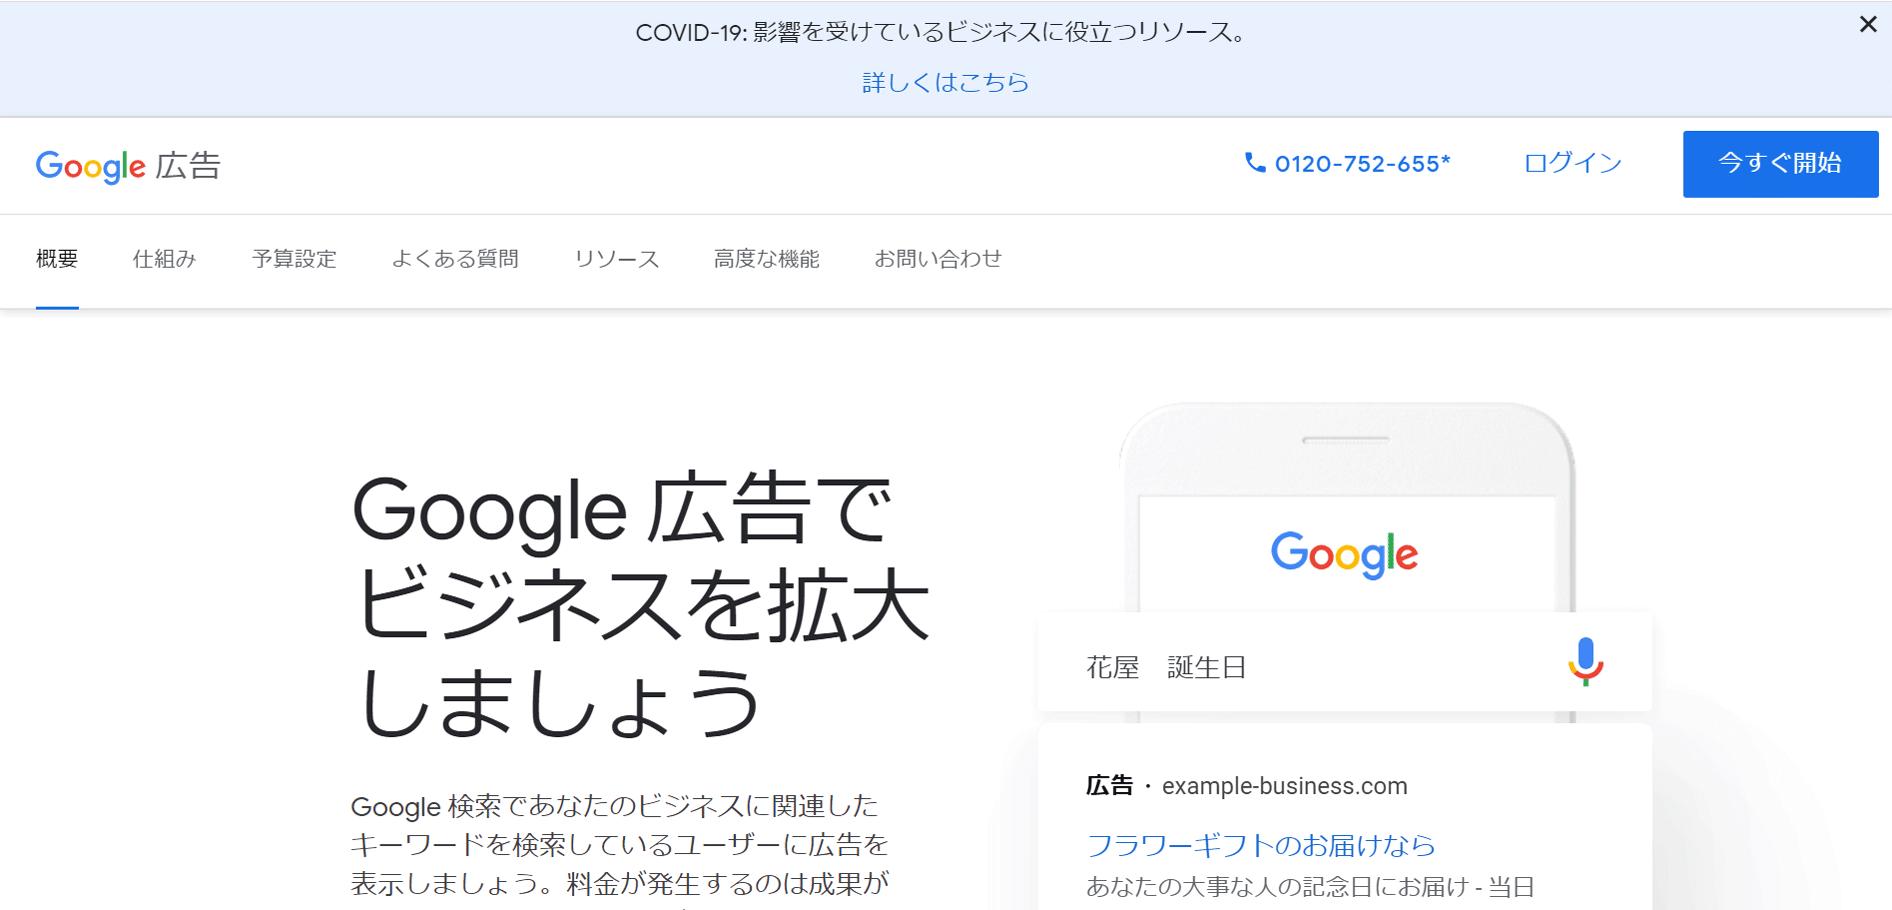 グーグル株式会社「Google広告」のスクリーンショット